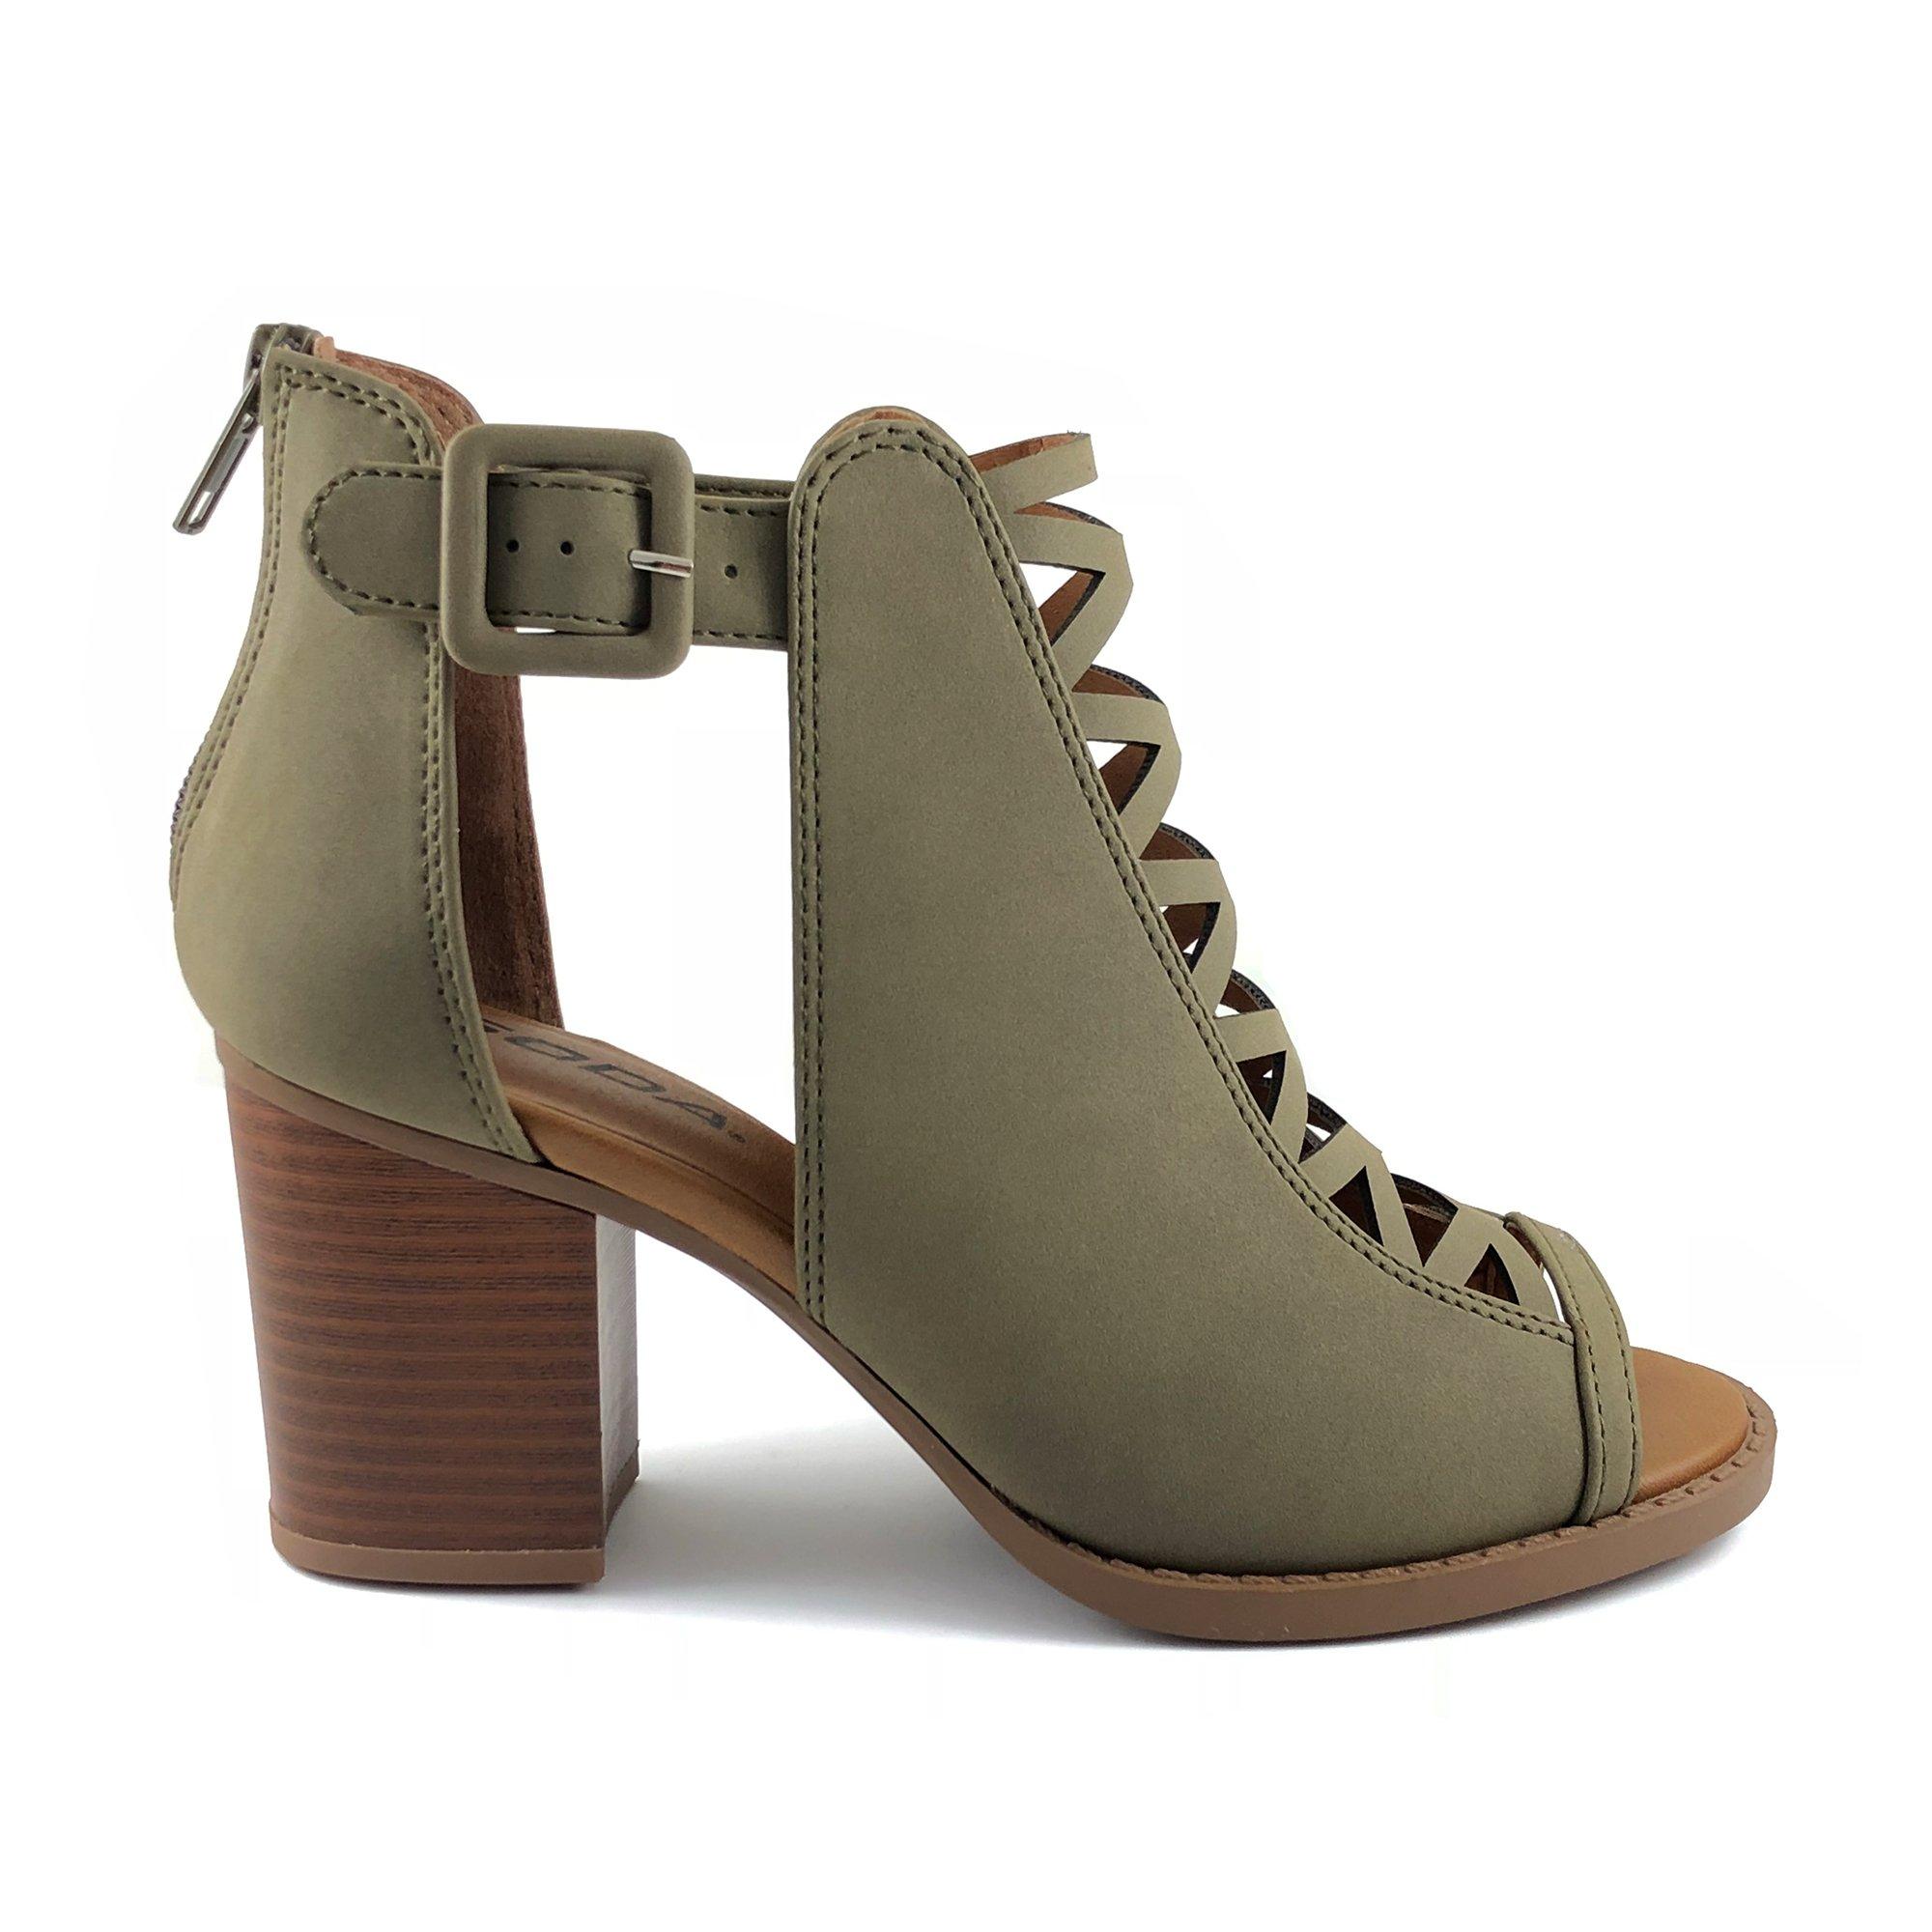 Soda Womens Fahsoin Aran Open Toe Heel Sandal (8 B(M) US, Khaki)